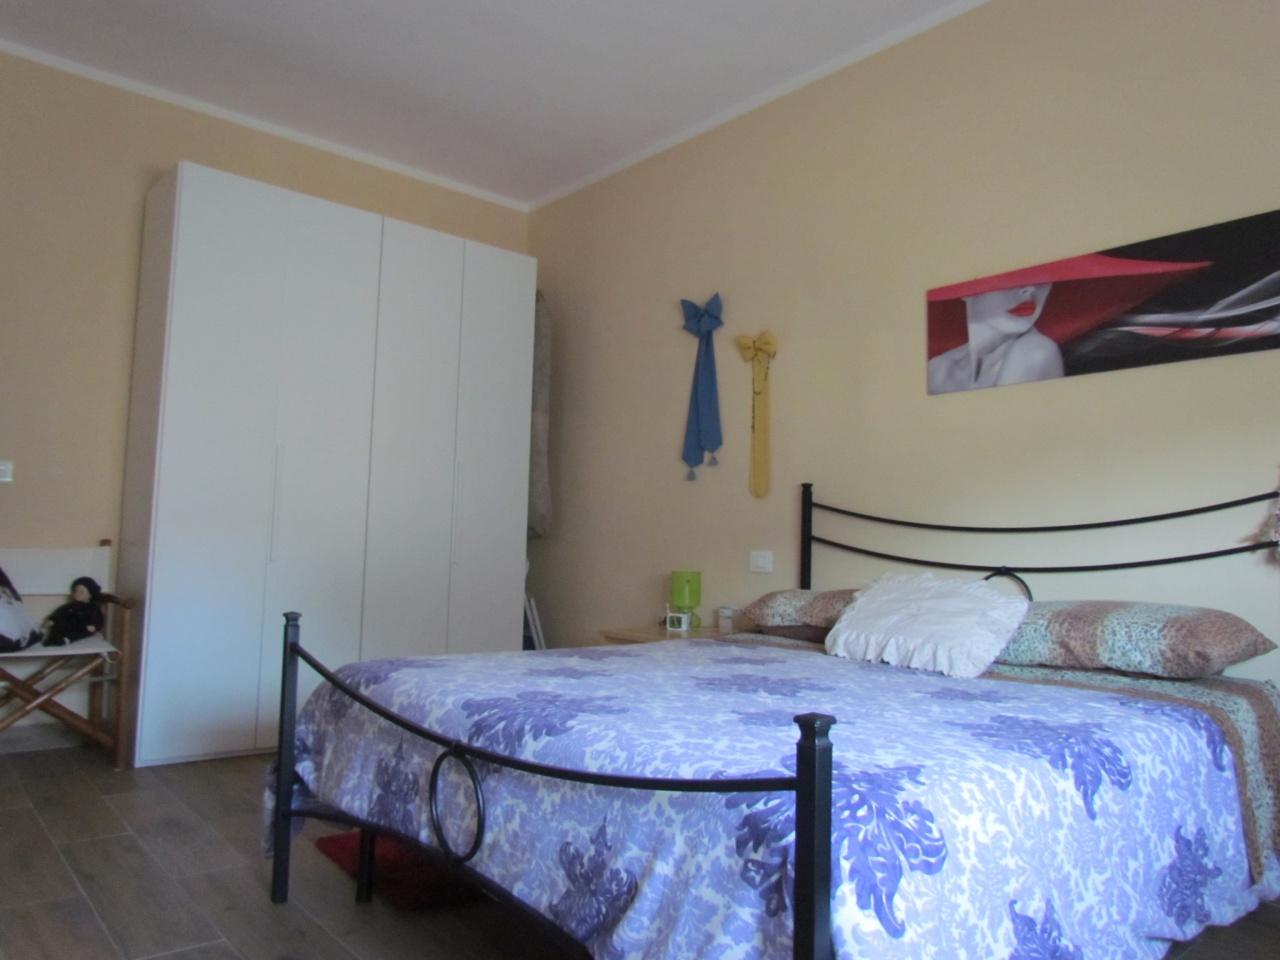 Appartamento LUCCA vendita  SAN MARCO  WHY NOT